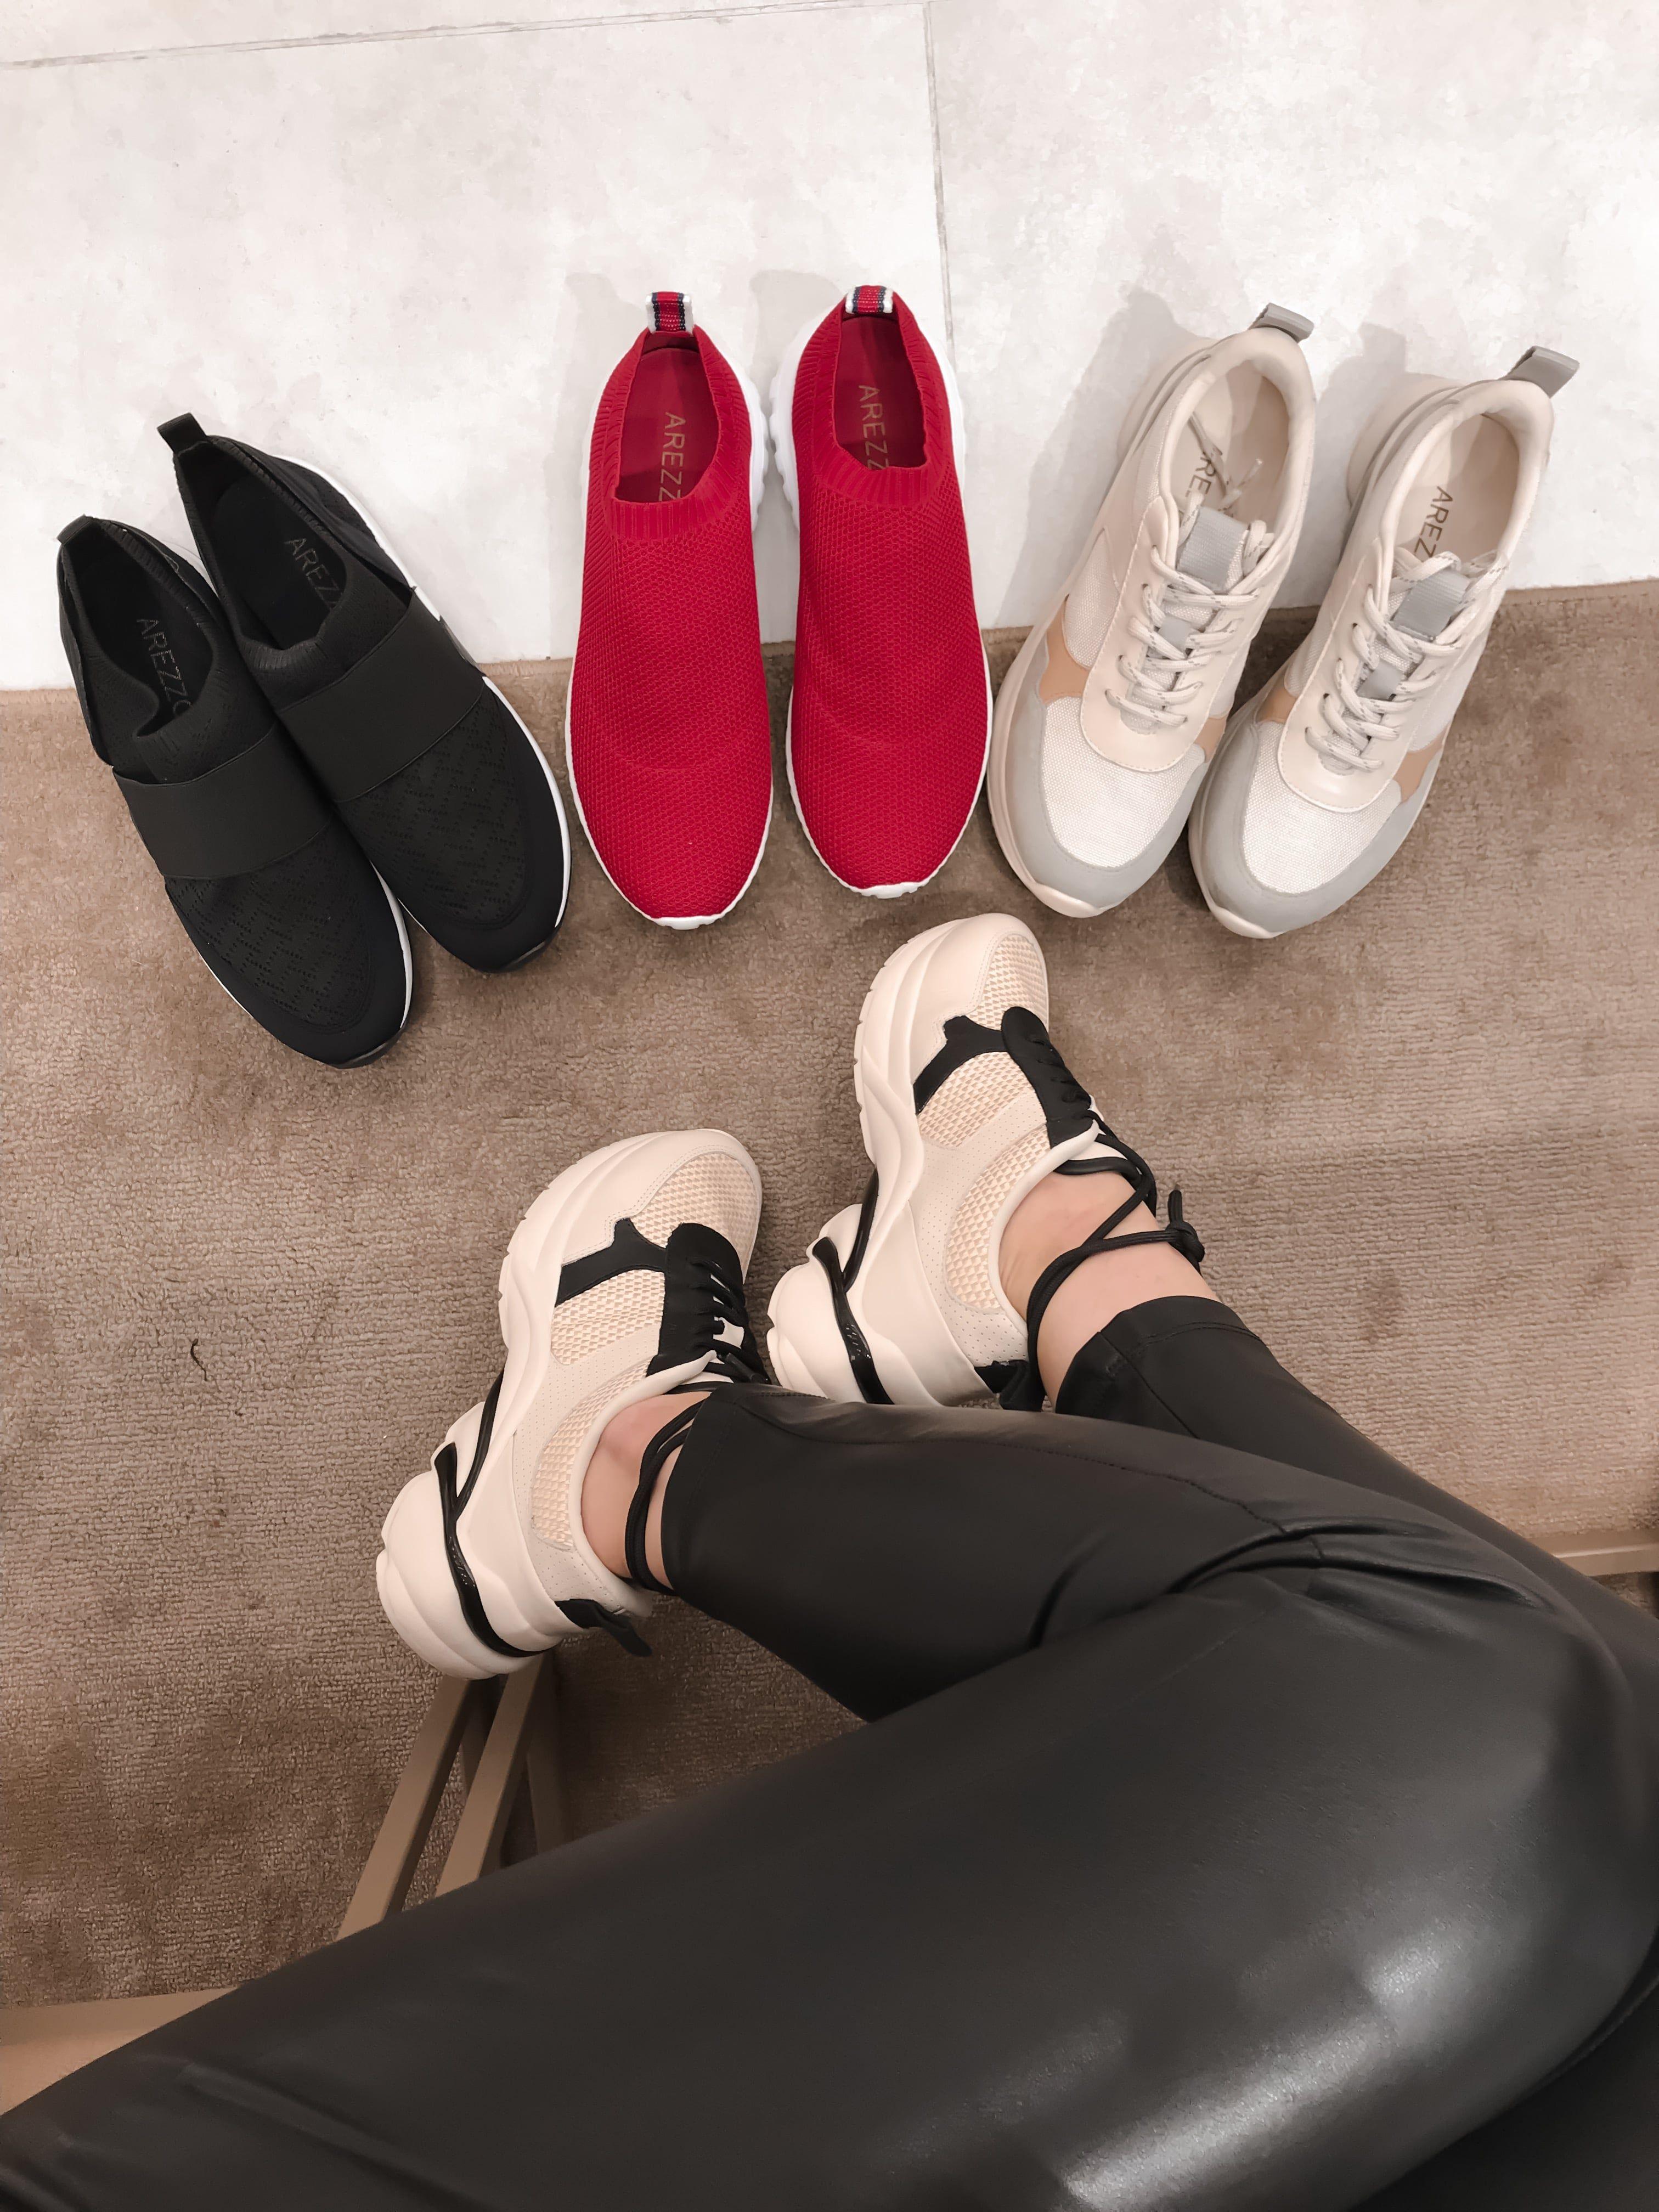 0734197f9 Conheça a tendência de sapatos femininos para o verão 2019 com a presença  dos tênis, da mule, das sandálias anabela e muito mais.